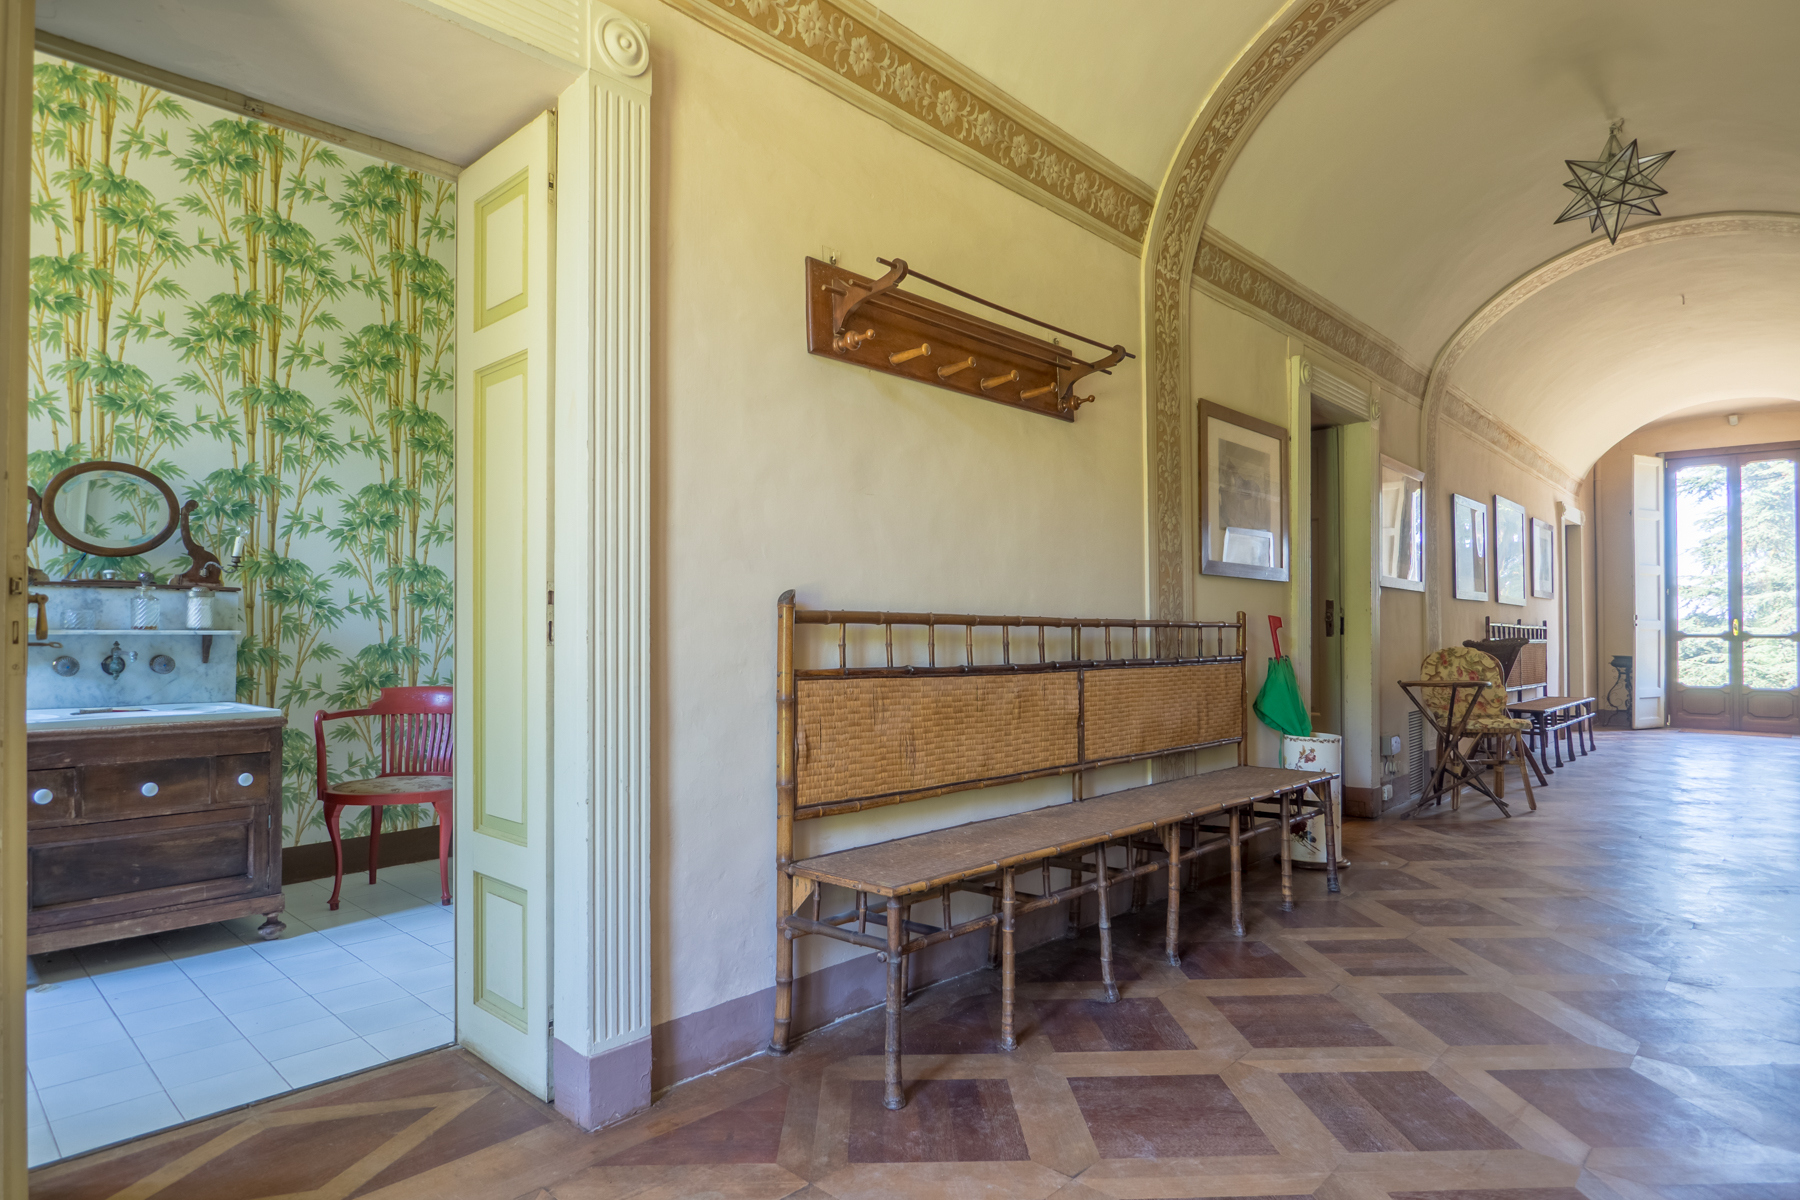 Villa in Affitto a Moncalieri: 5 locali, 983 mq - Foto 19